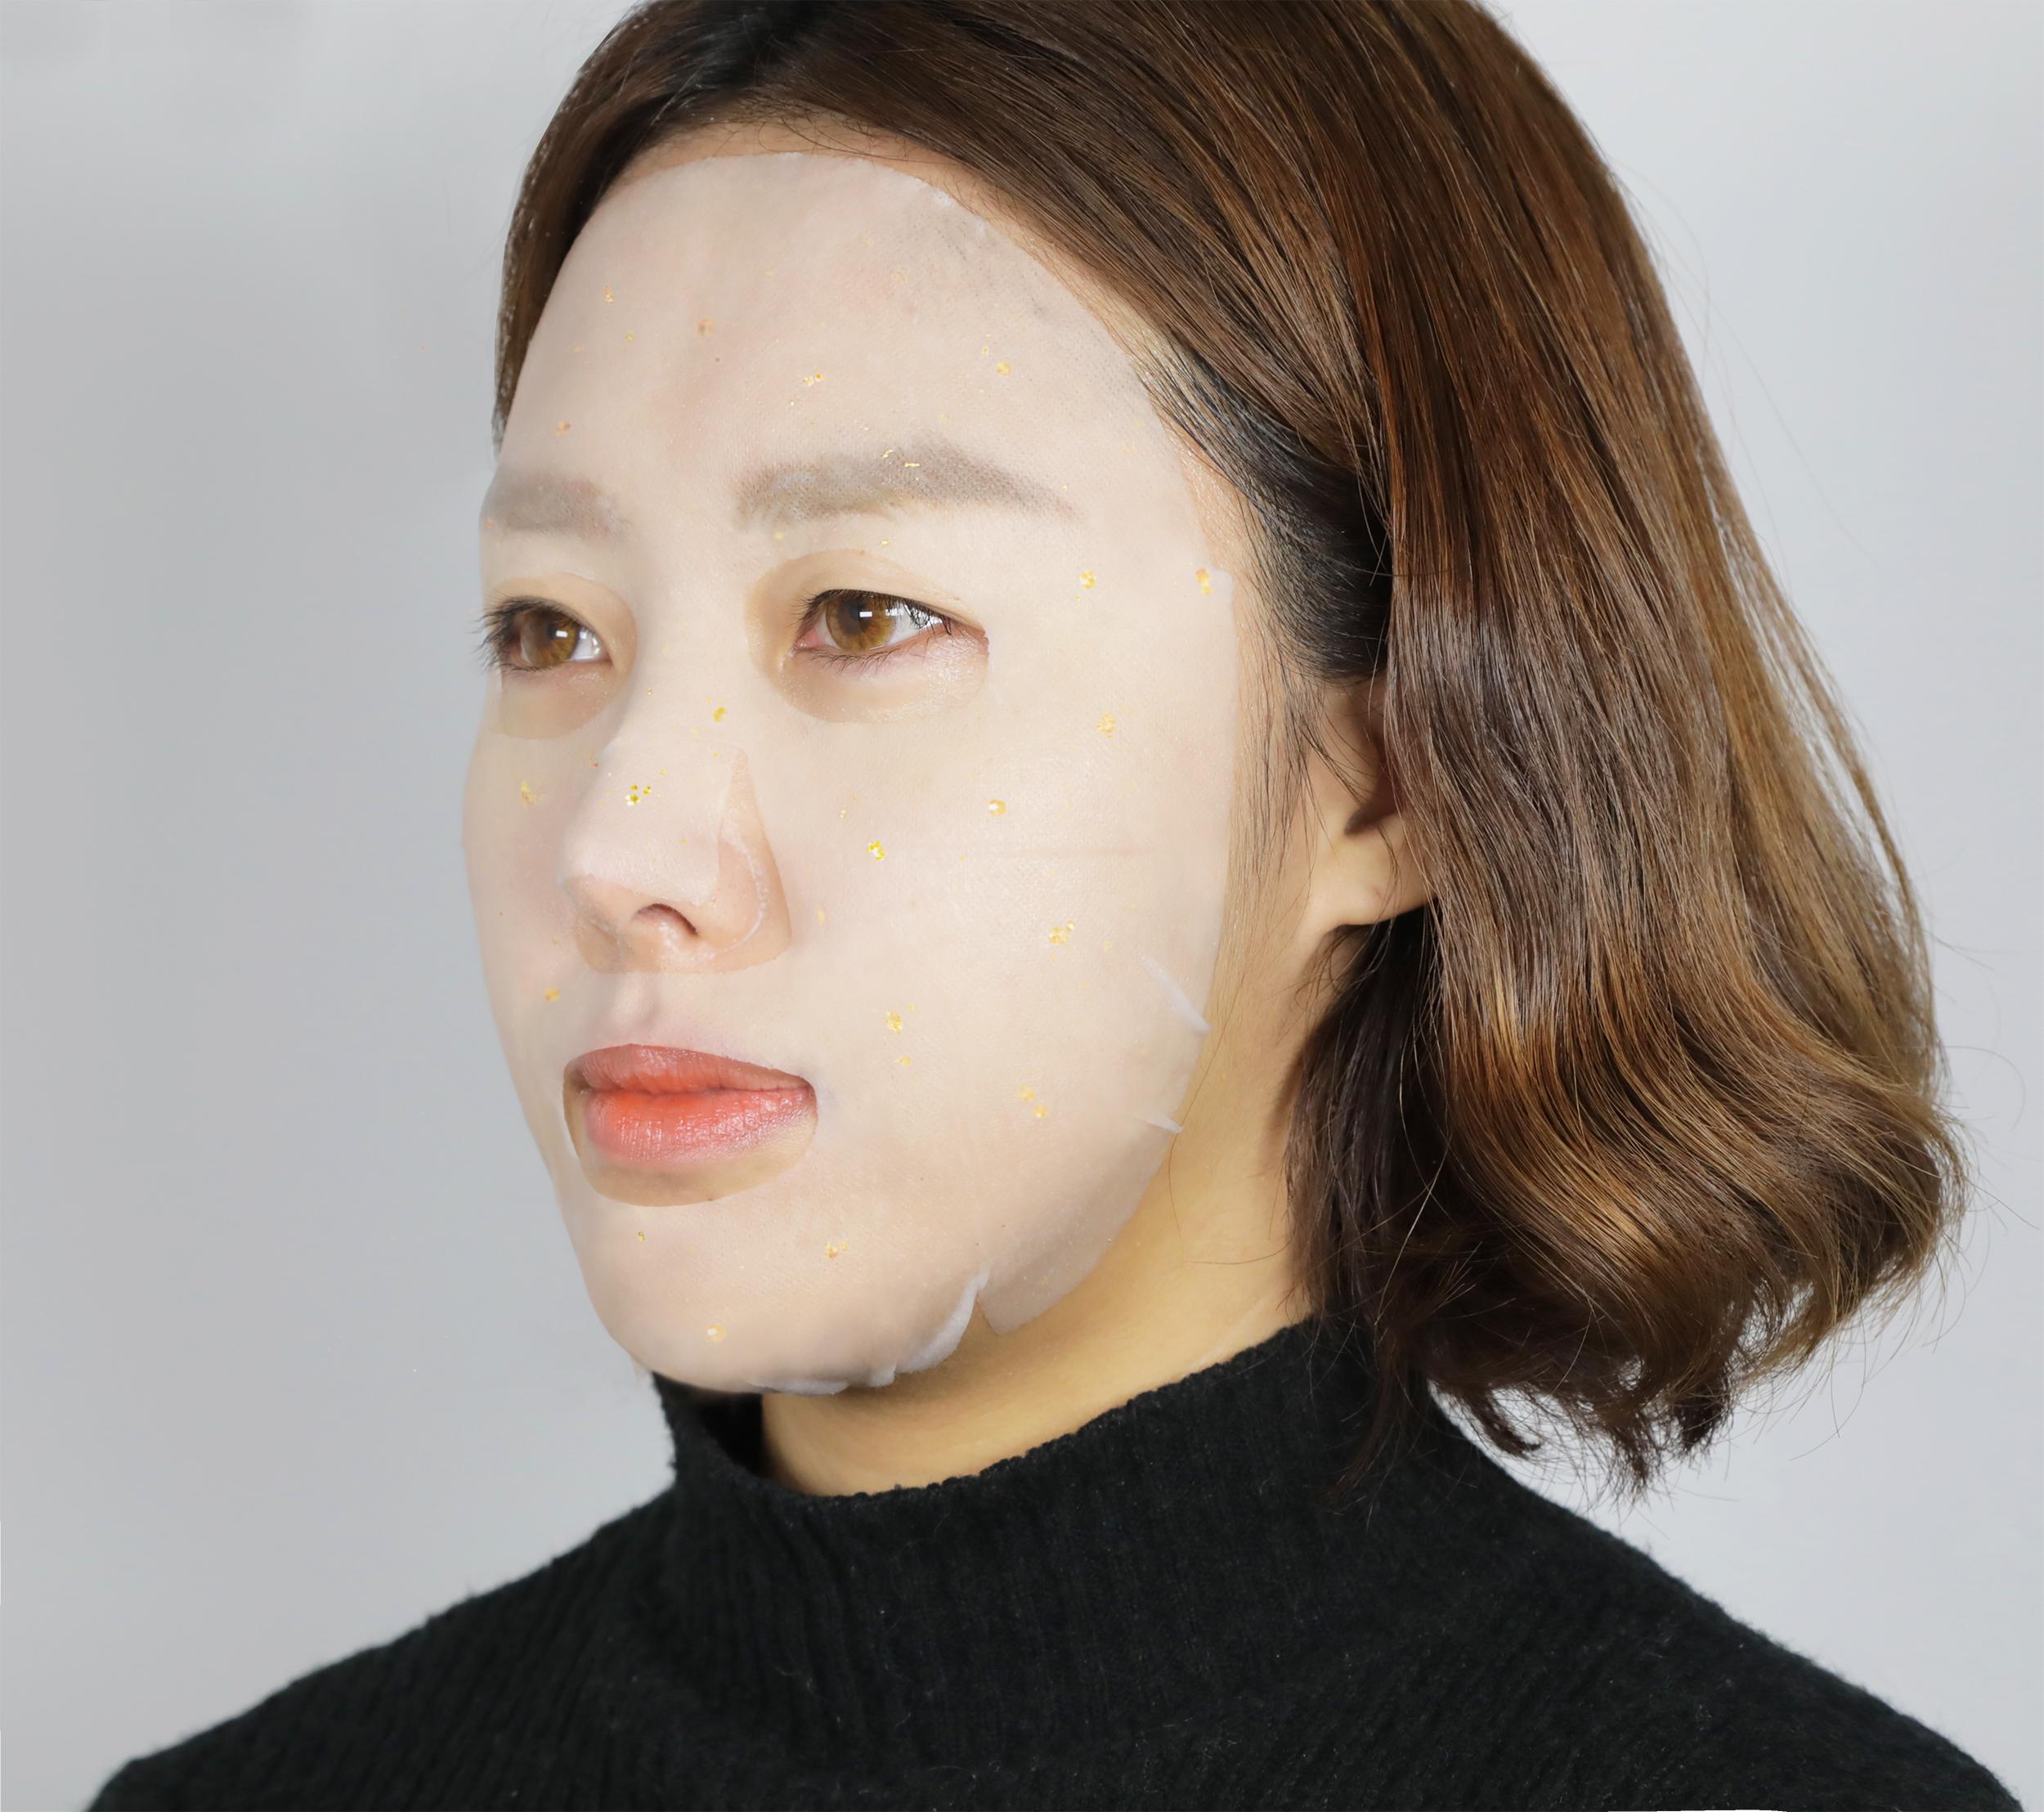 冬季肌肤干燥的专属护理,SNP爱神菲黄金胶原蛋白精华面膜一个就搞定~ 57a7689416e951c5